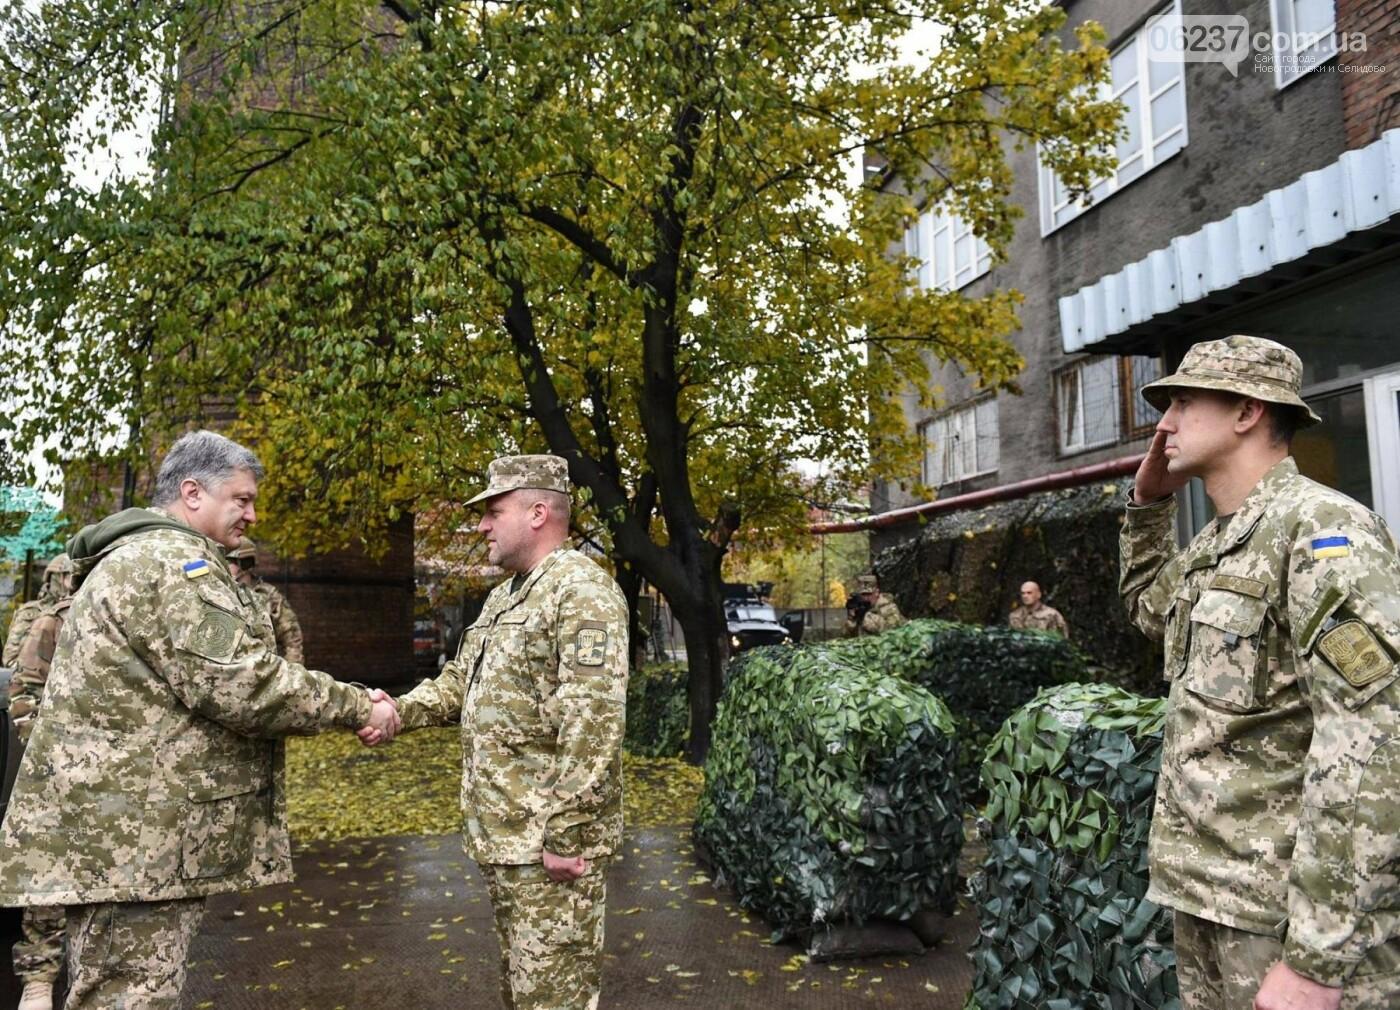 Порошенко заверил жителей Авдеевки, что сделает все для деоккупации украинских территорий, фото-1